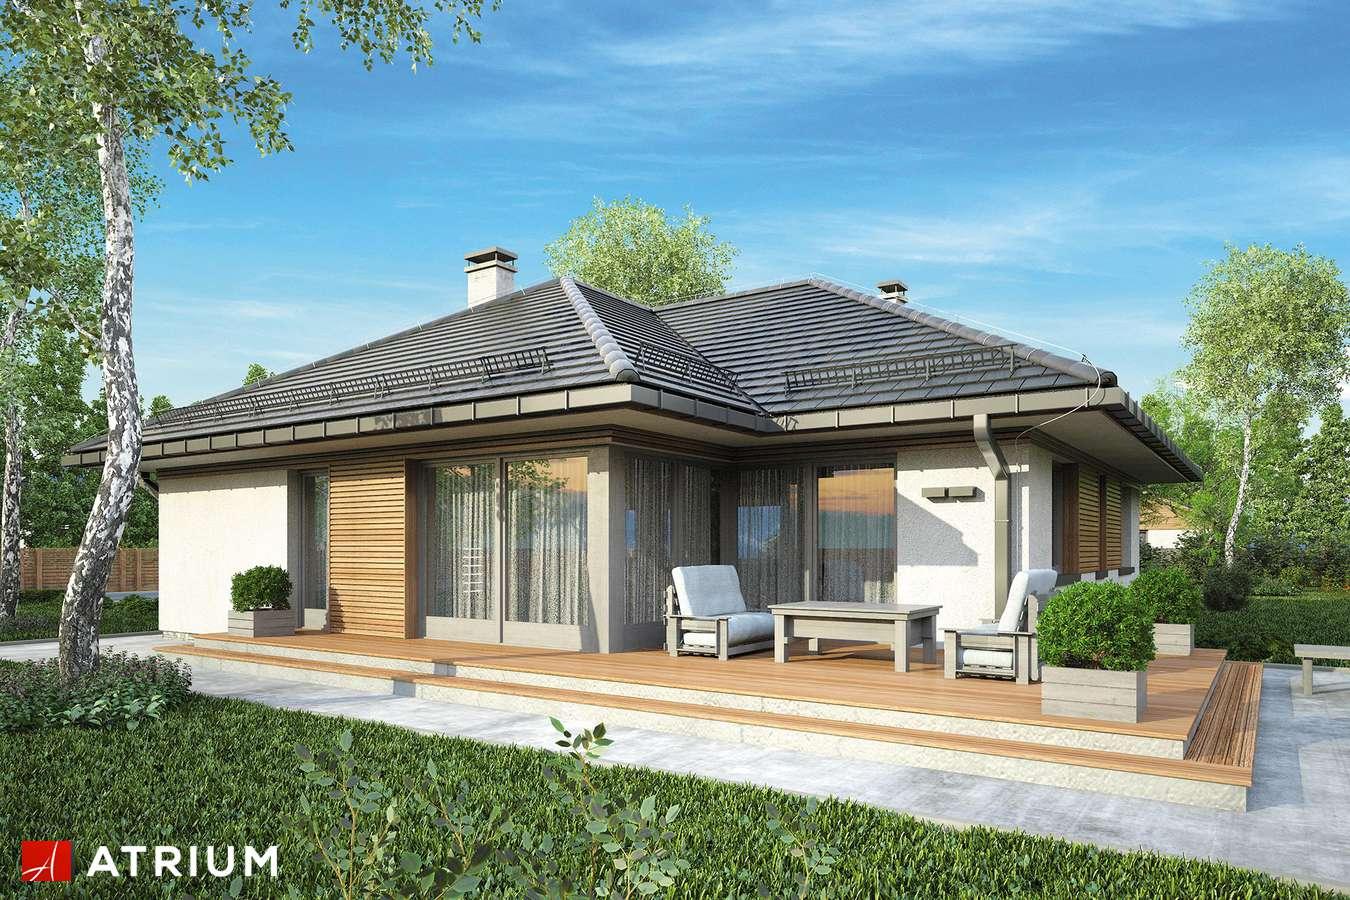 Projekty domów - Projekt domu parterowego WINONA - wizualizacja 2 - wersja lustrzana